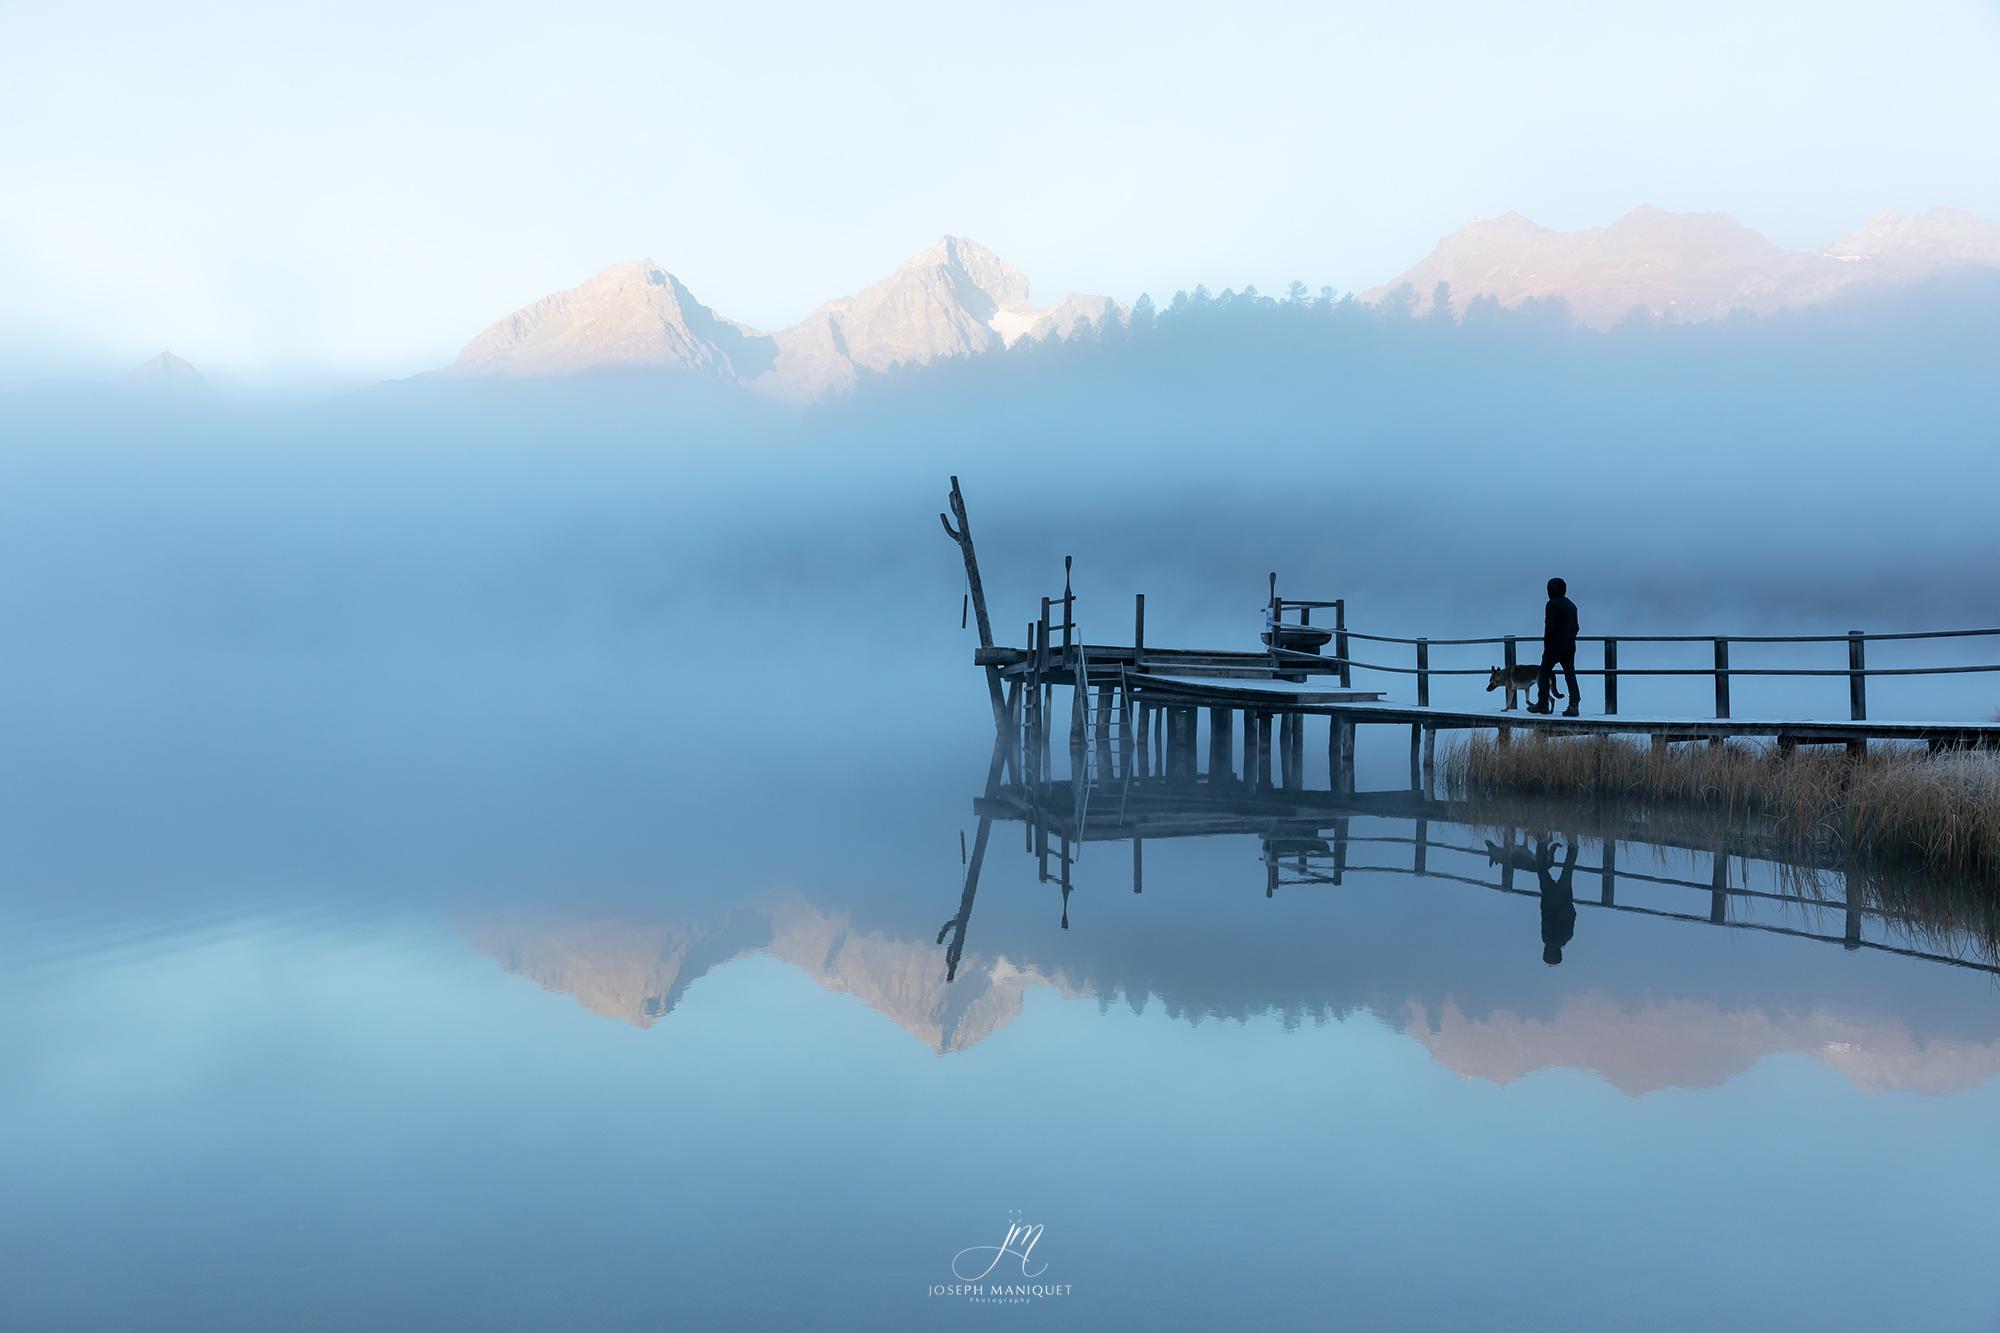 Stazersee - Lej da Staz, Switzerland